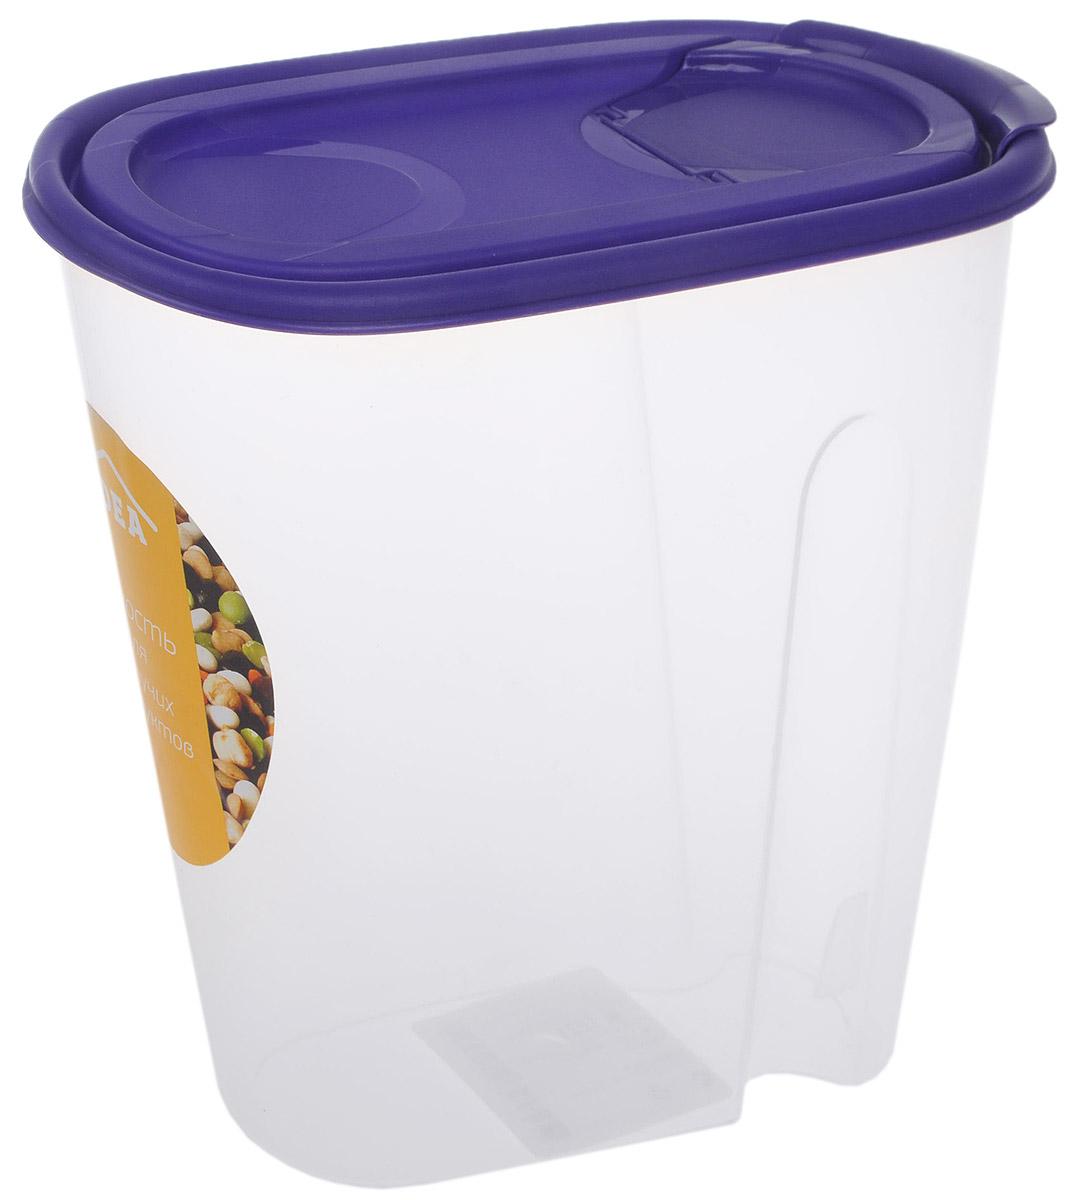 Емкость для сыпучих продуктов Idea, цвет: фиолетовый, прозрачный, 1,5 л емкость для сыпучих продуктов idea деко цветы 1 л